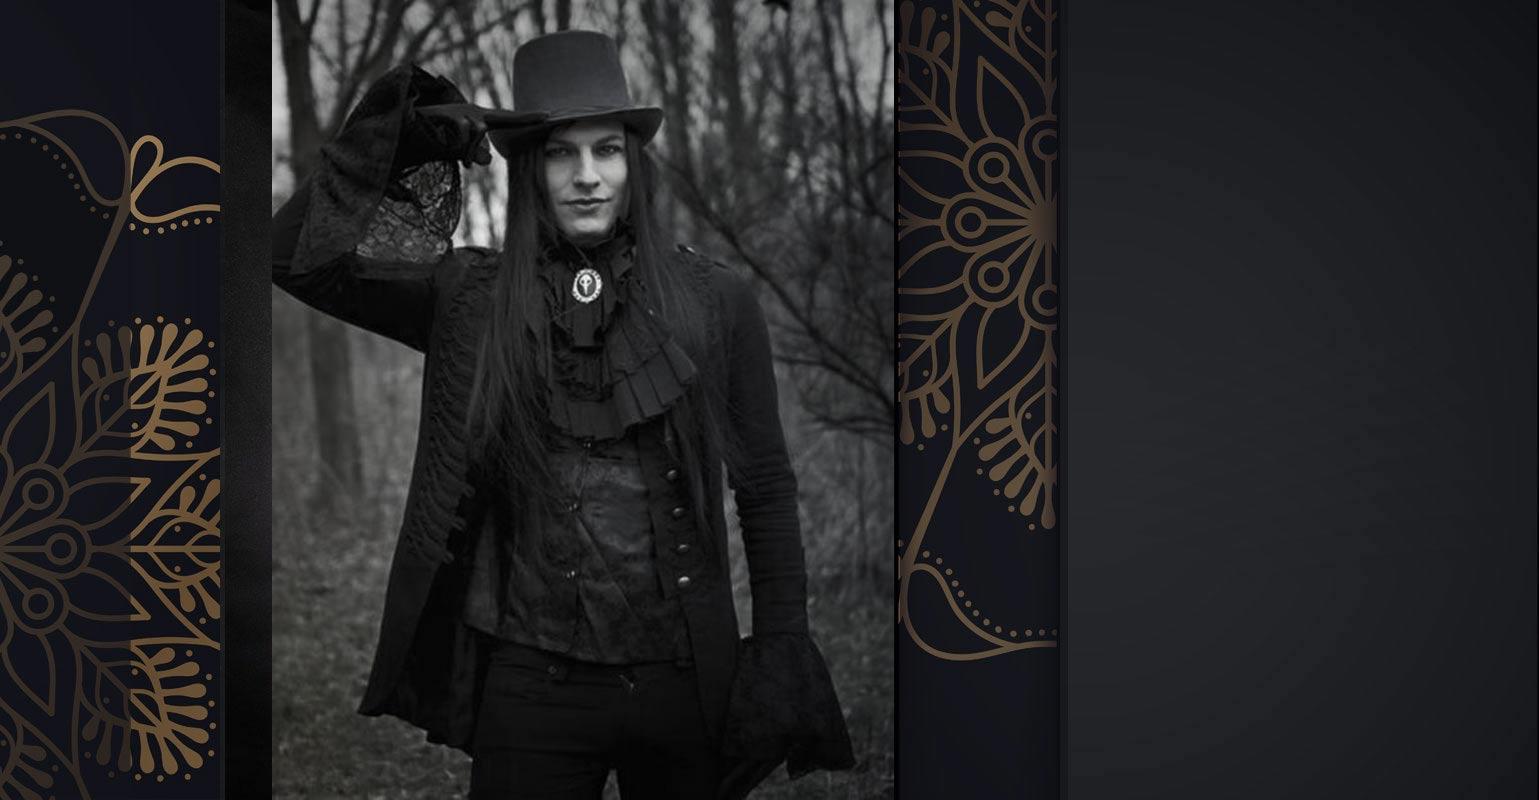 Gothic style for men 88 - استایل گوتیک مردانه